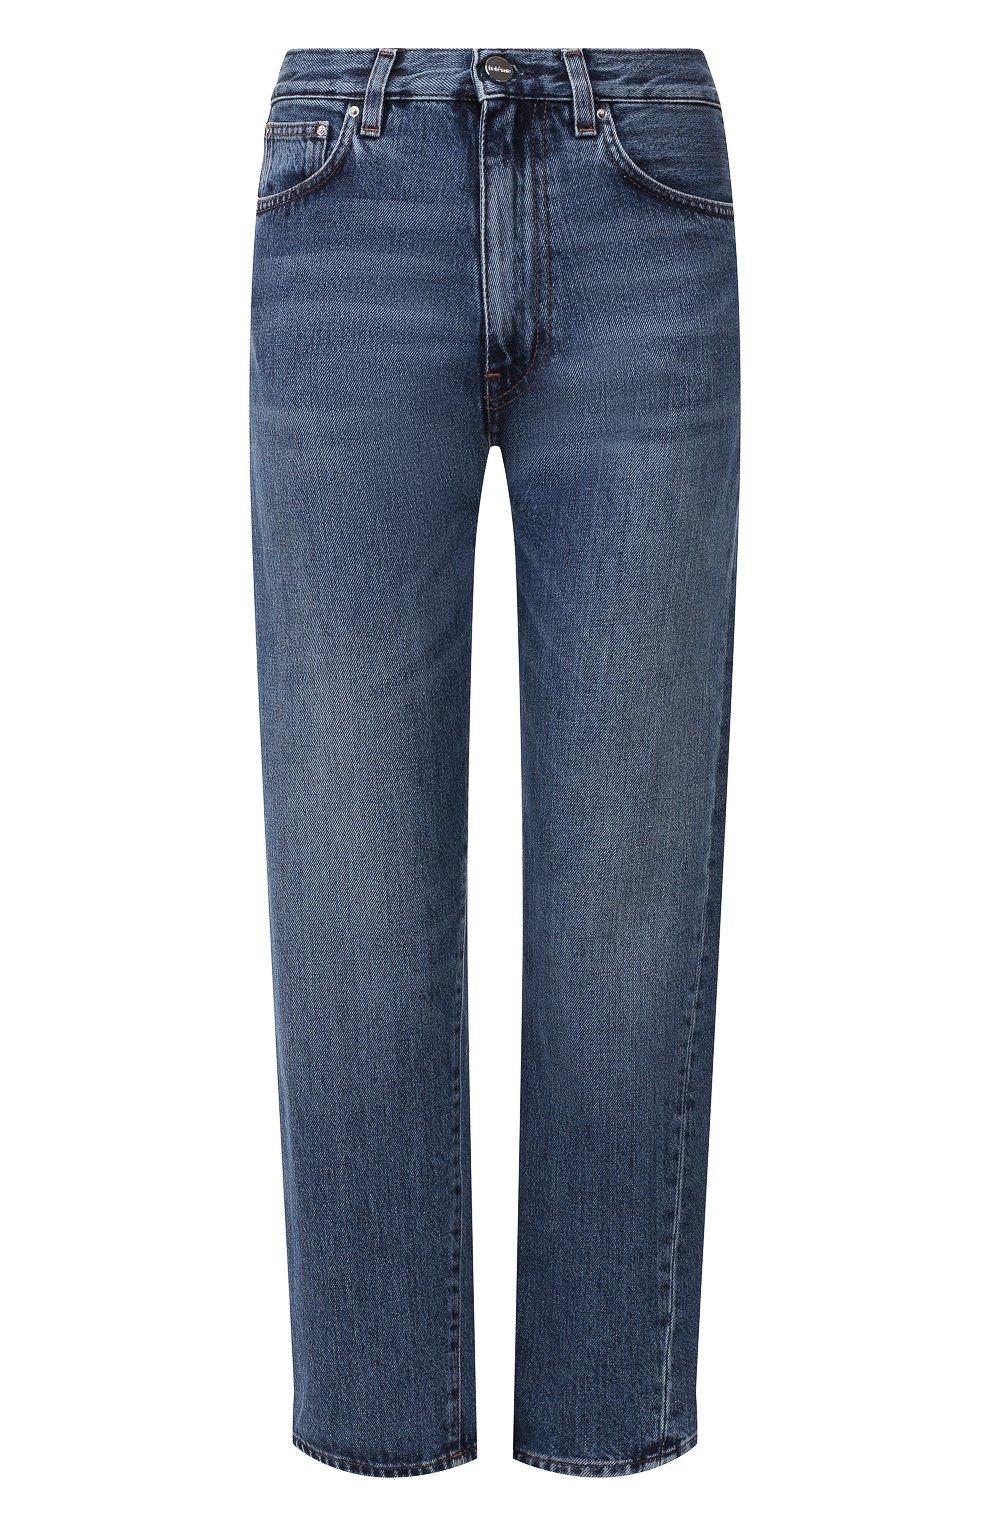 Женские джинсы TOTÊME синего цвета, арт. 0RIGINAL DENIM 32 193-232-740 | Фото 1